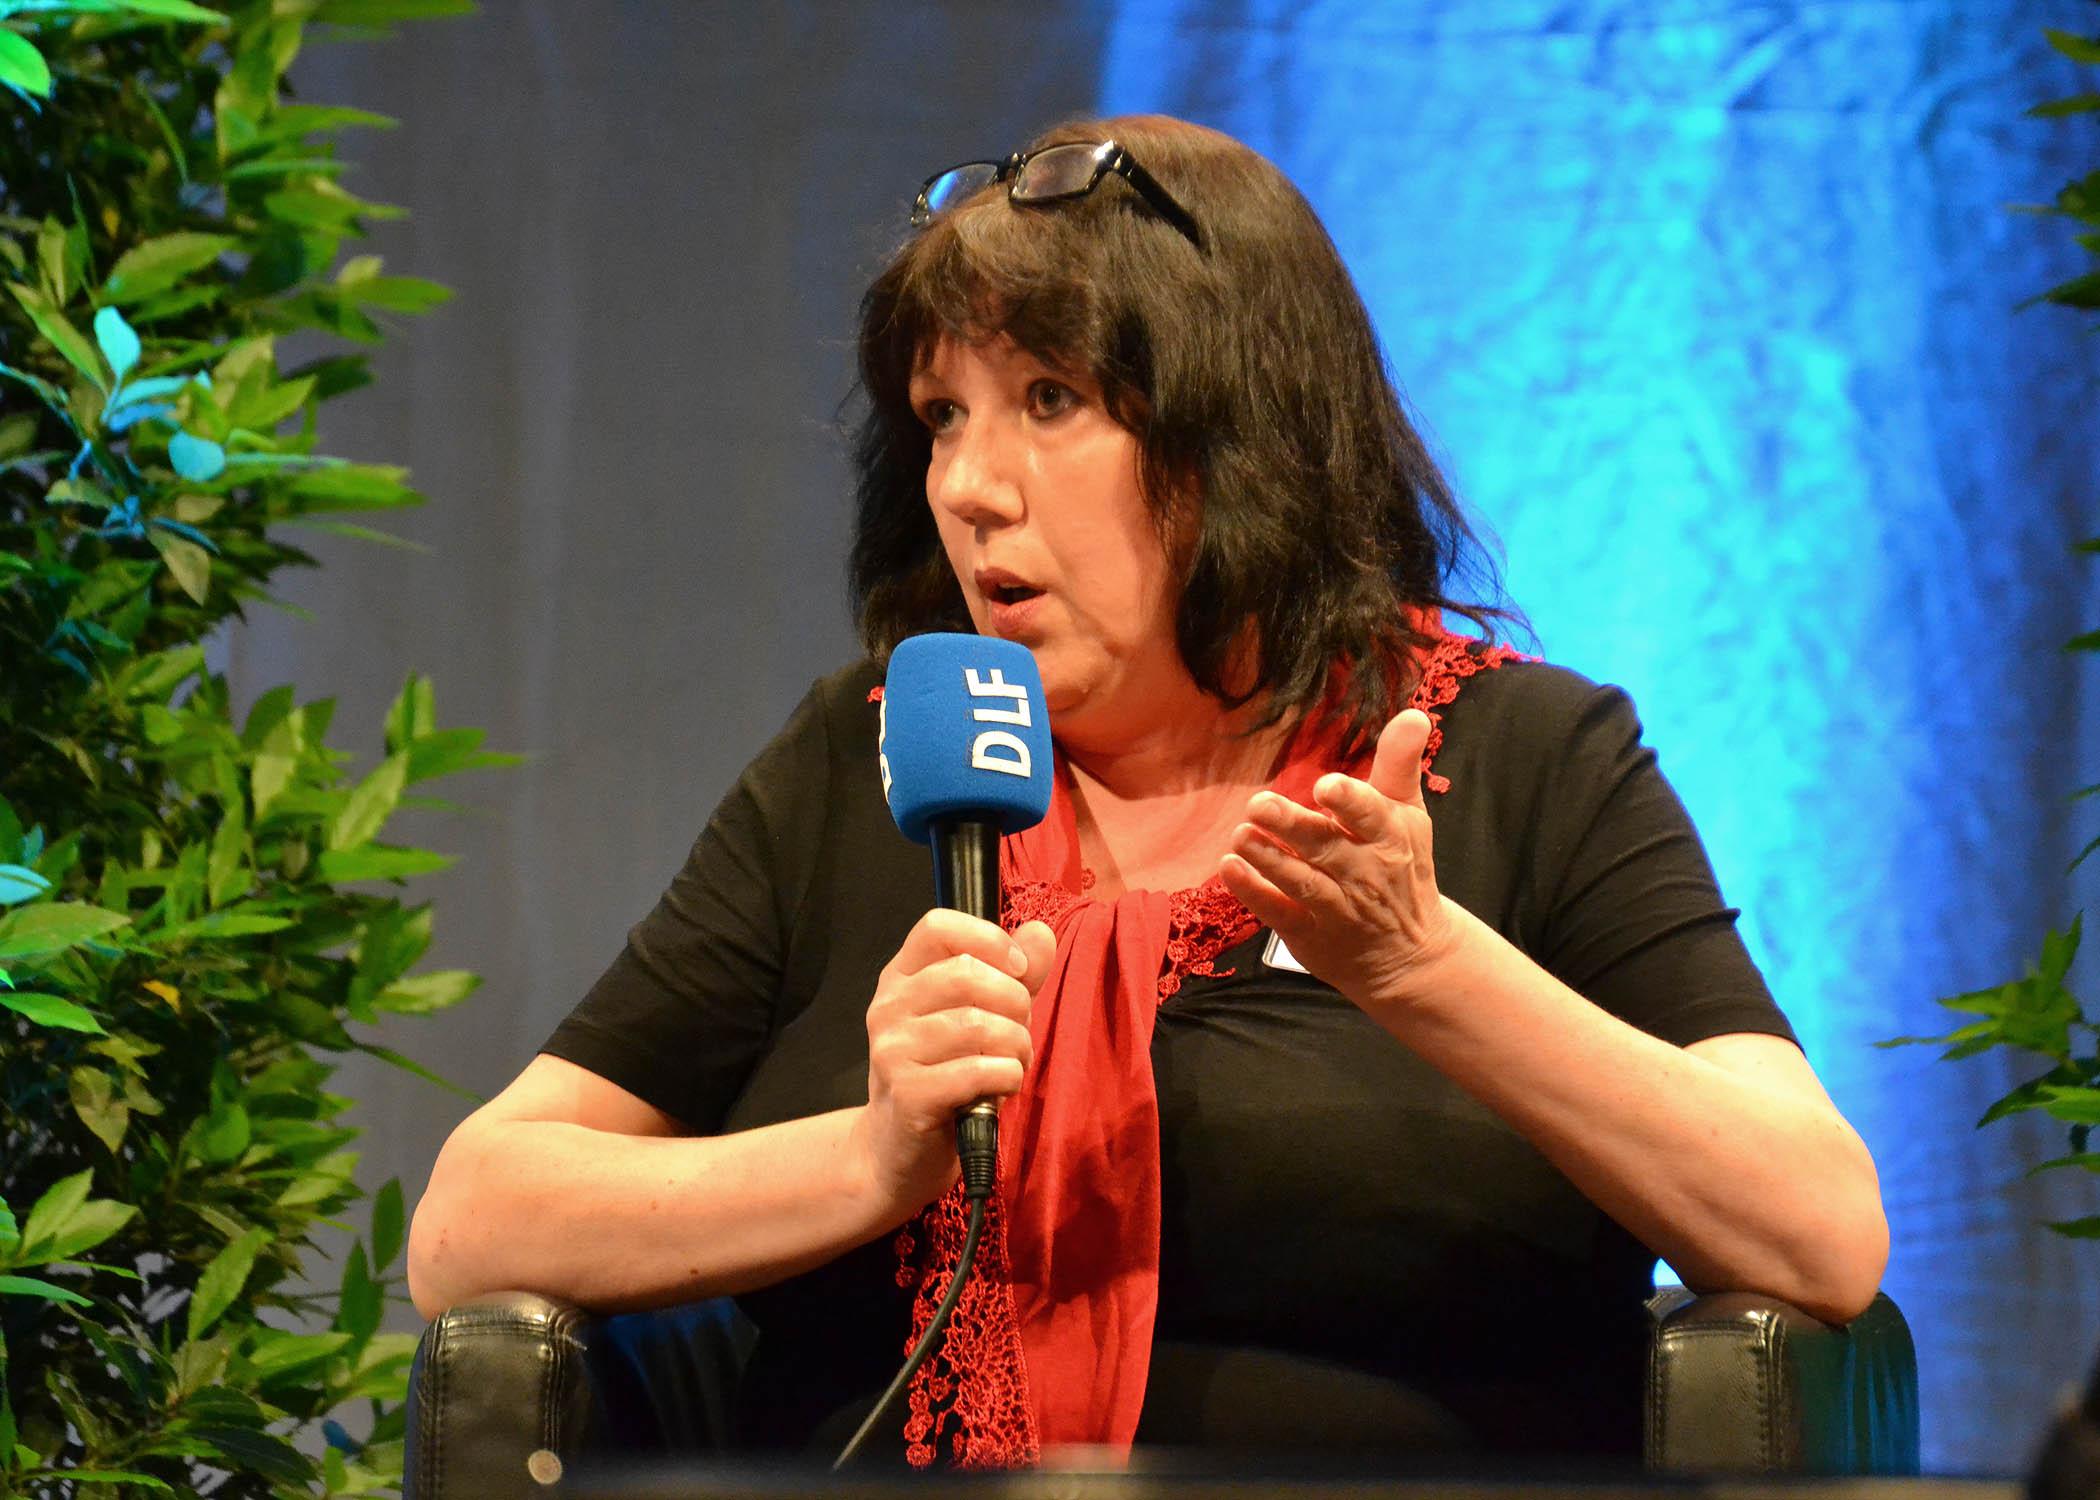 Maren Müller ist Vorsitzender des von ihr gegründeten Ständige Publikumskonferenz der öffentlich-rechtlichen Medien e.V.